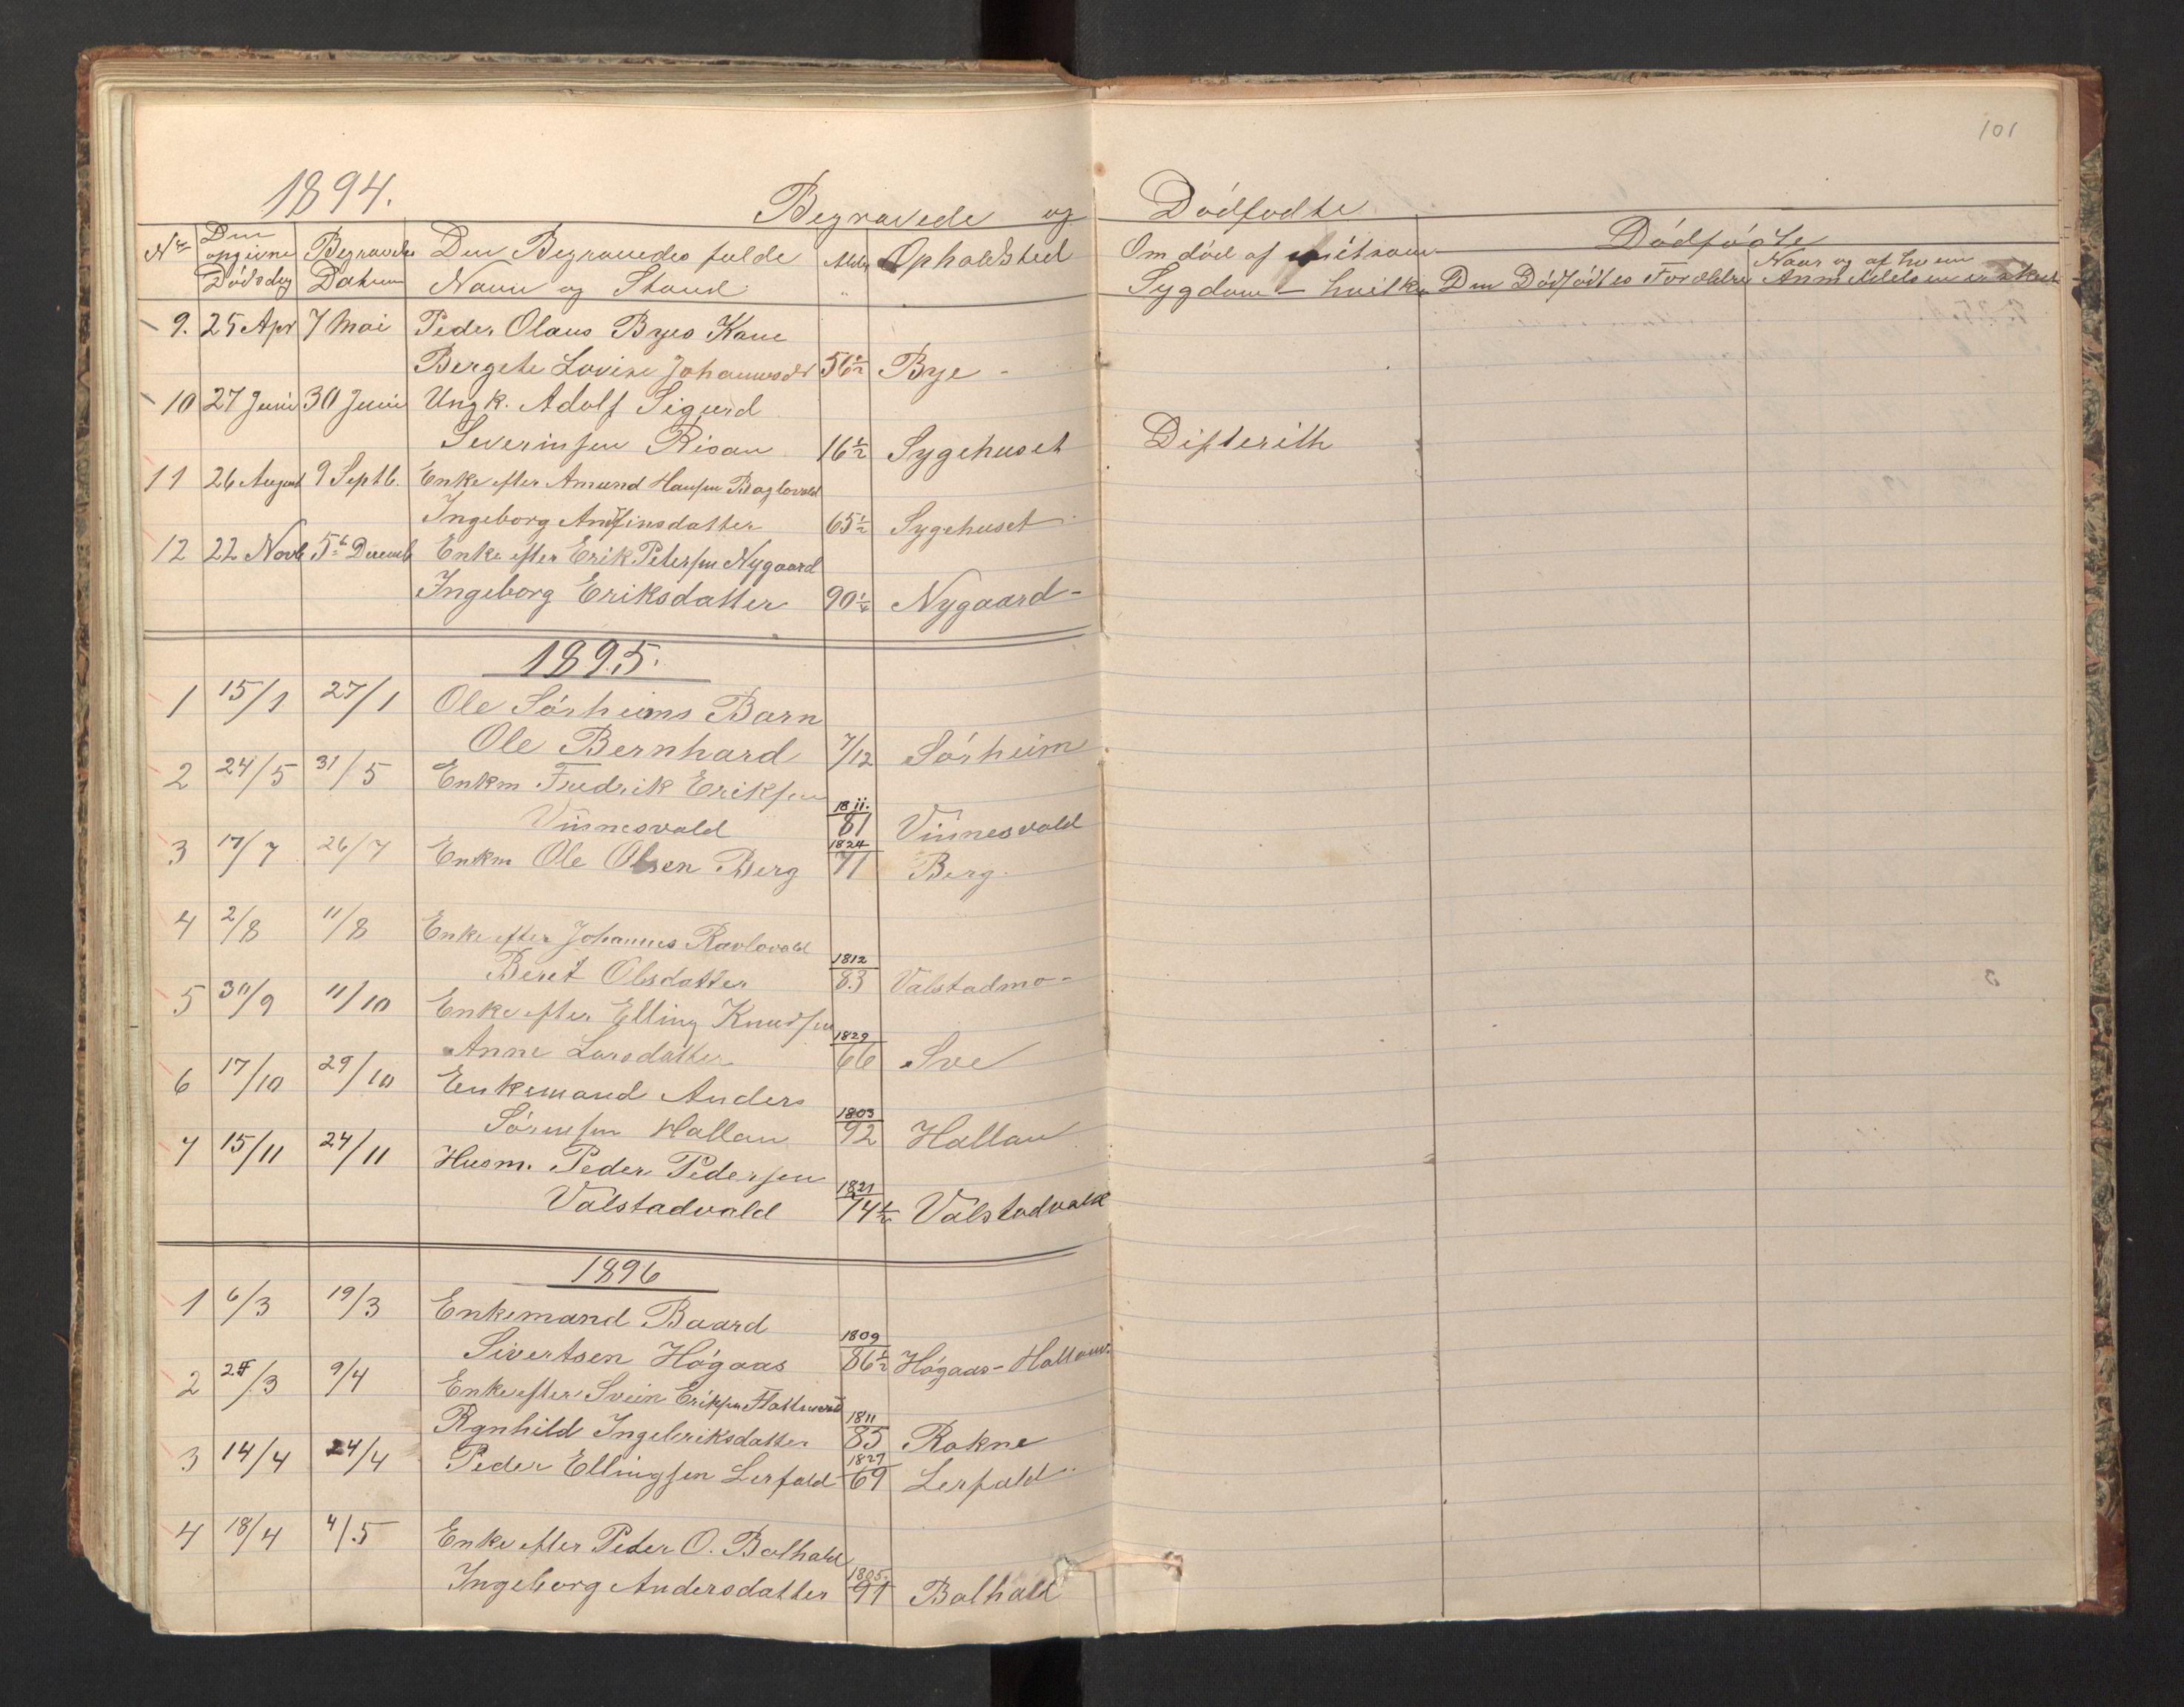 SAT, Ministerialprotokoller, klokkerbøker og fødselsregistre - Nord-Trøndelag, 726/L0271: Klokkerbok nr. 726C02, 1869-1897, s. 101